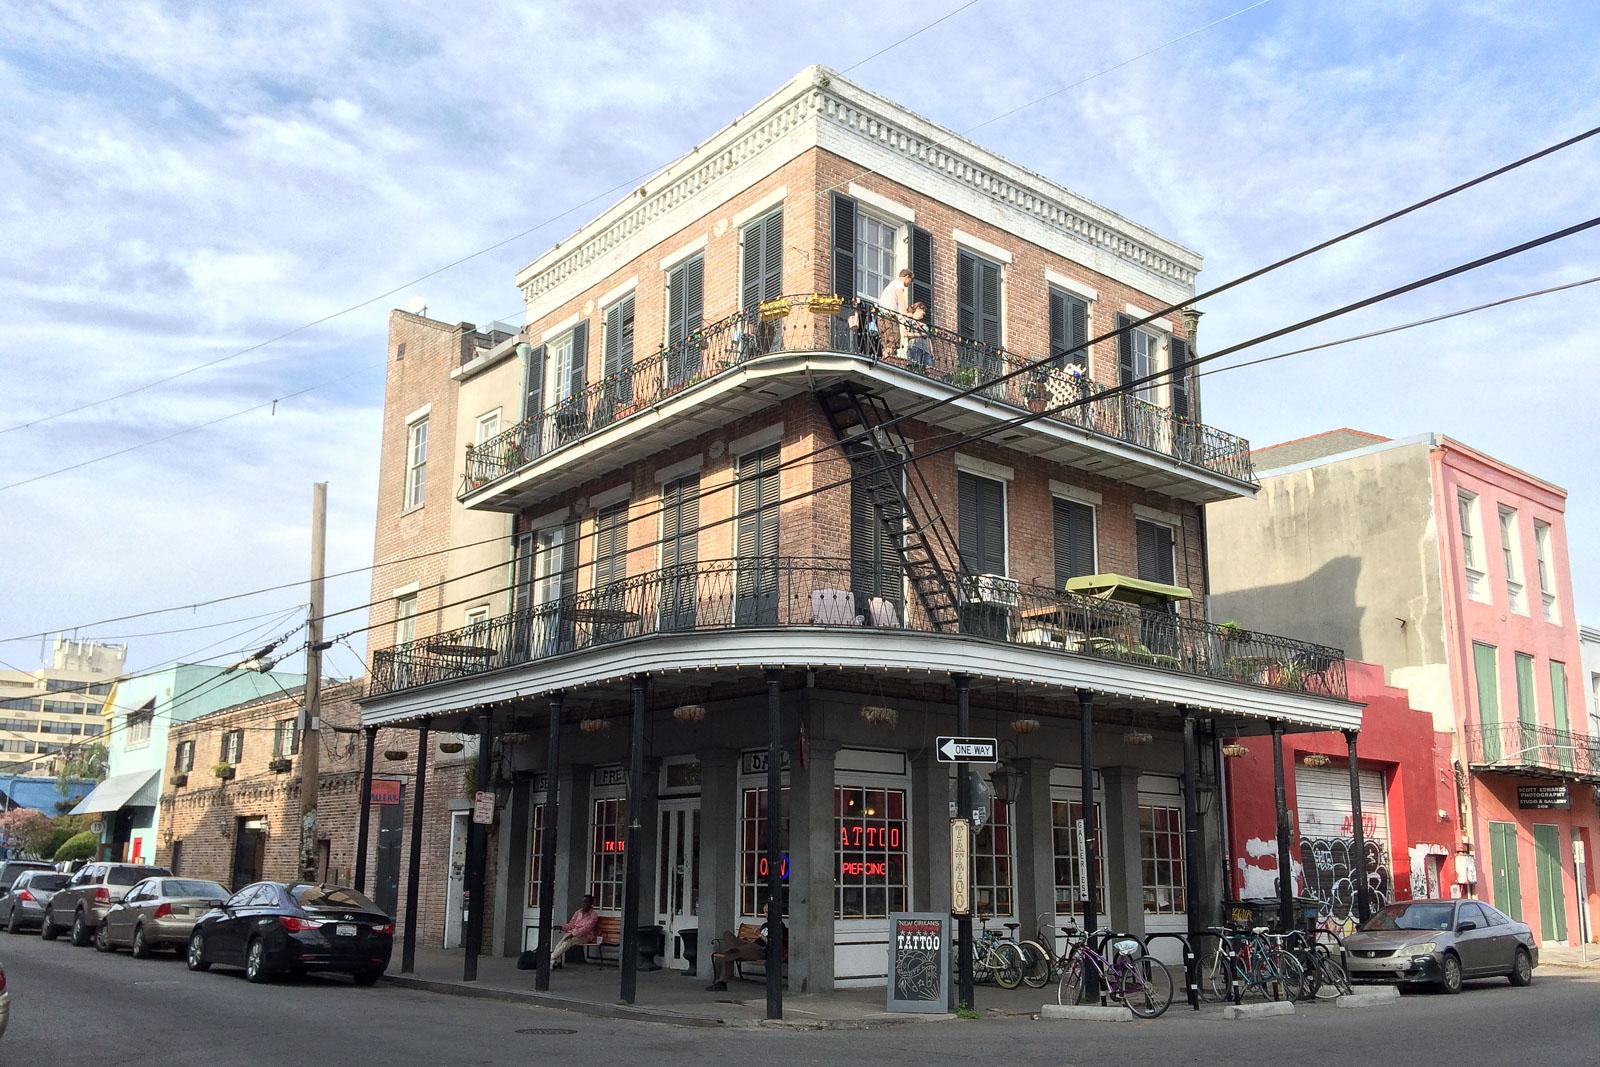 Die Häuser im French Quarter von New Orleans gehören zu den schönsten der USA. Besonders die Balkone sind oft reichhaltig verziert.